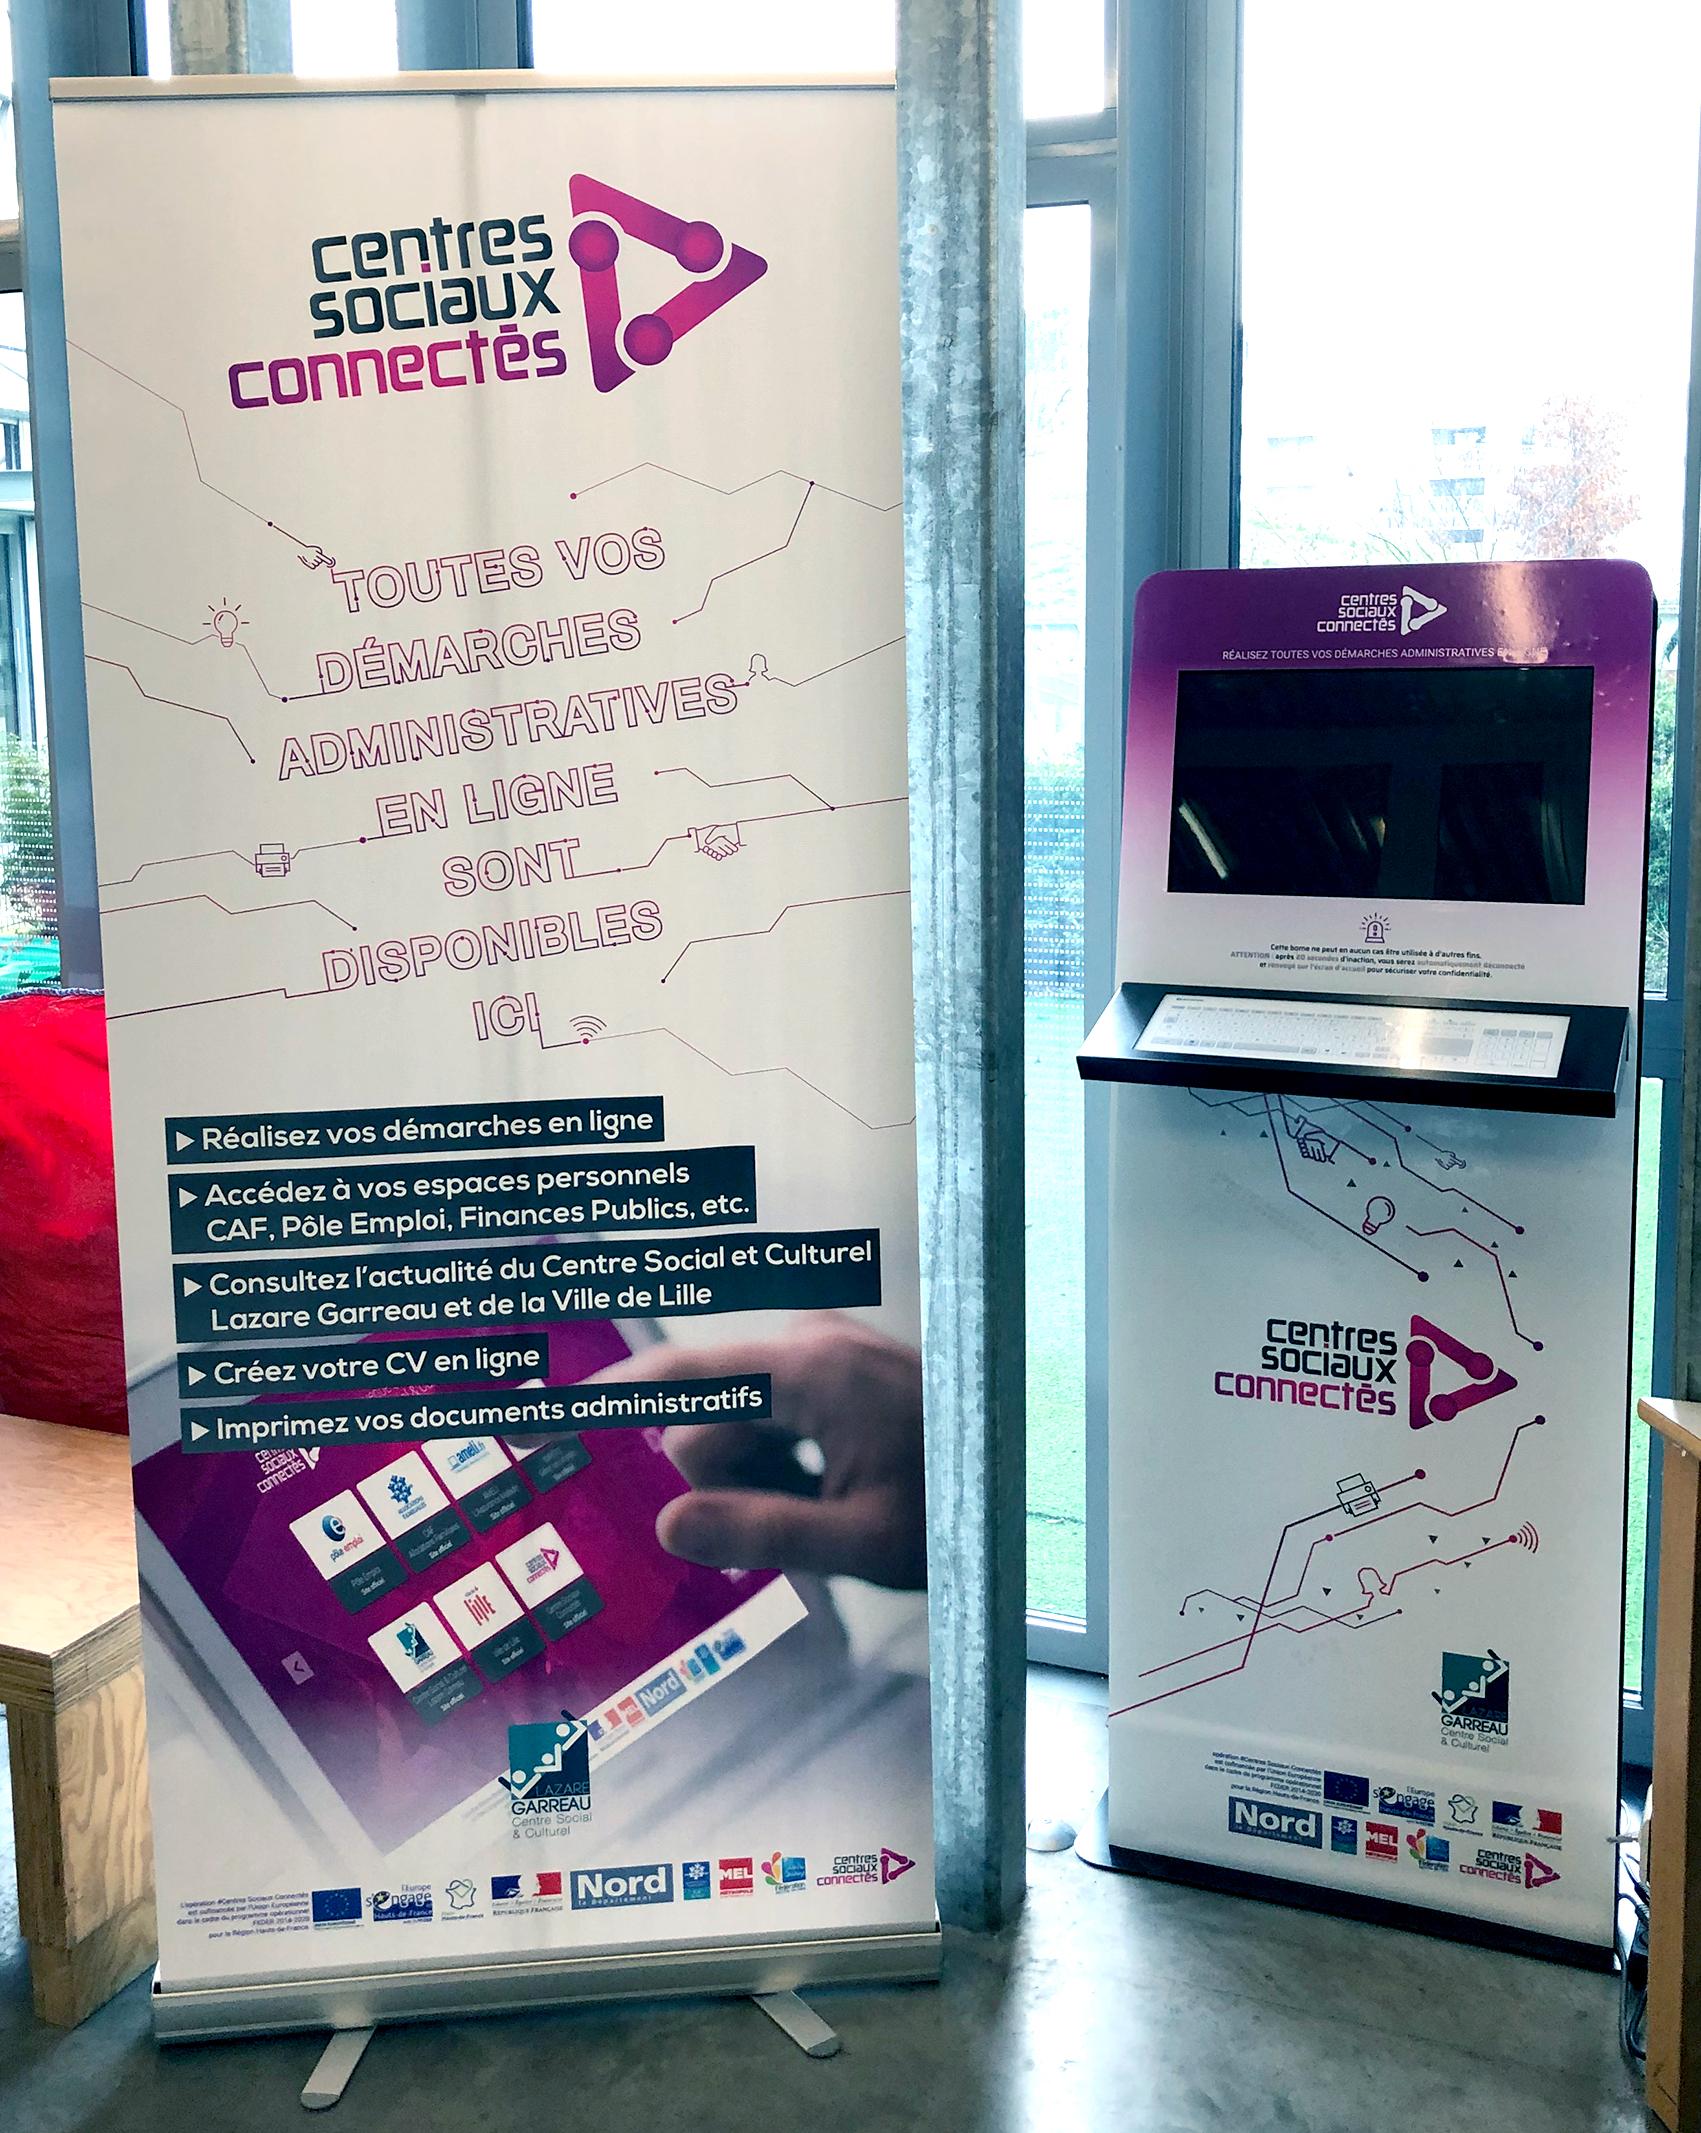 La borne numérique interactive du Centre Social et Culturel Lazare Garreau